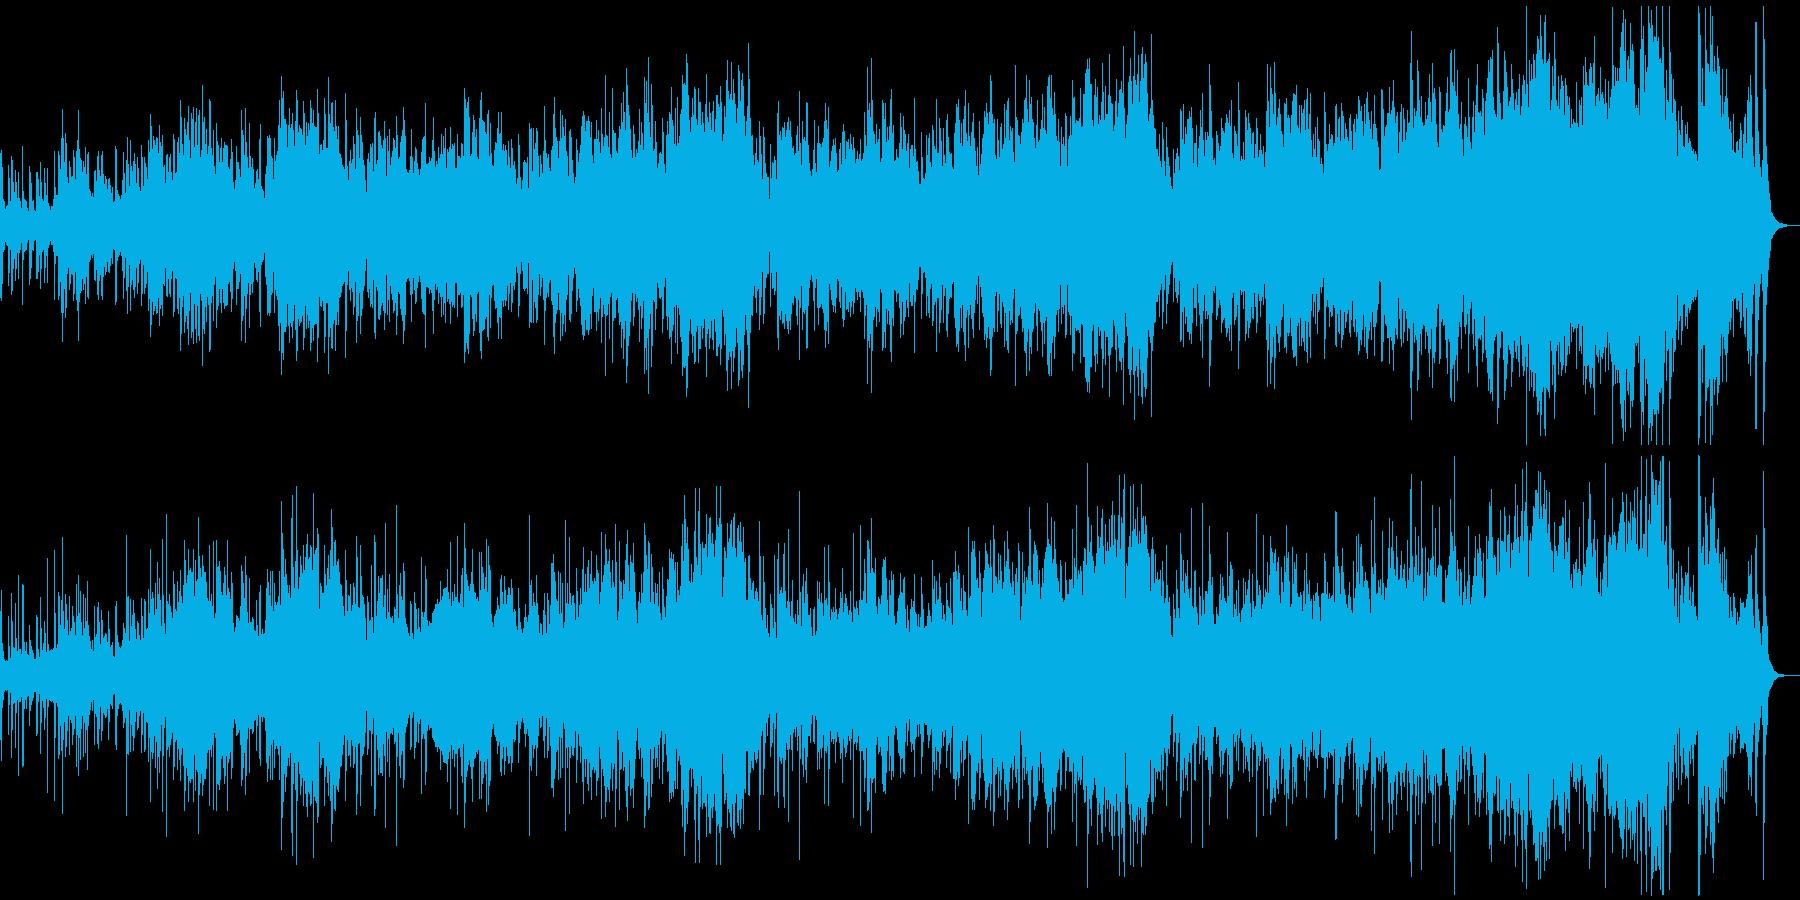 和風で雅な琴とオーケストラの幽玄なBGMの再生済みの波形